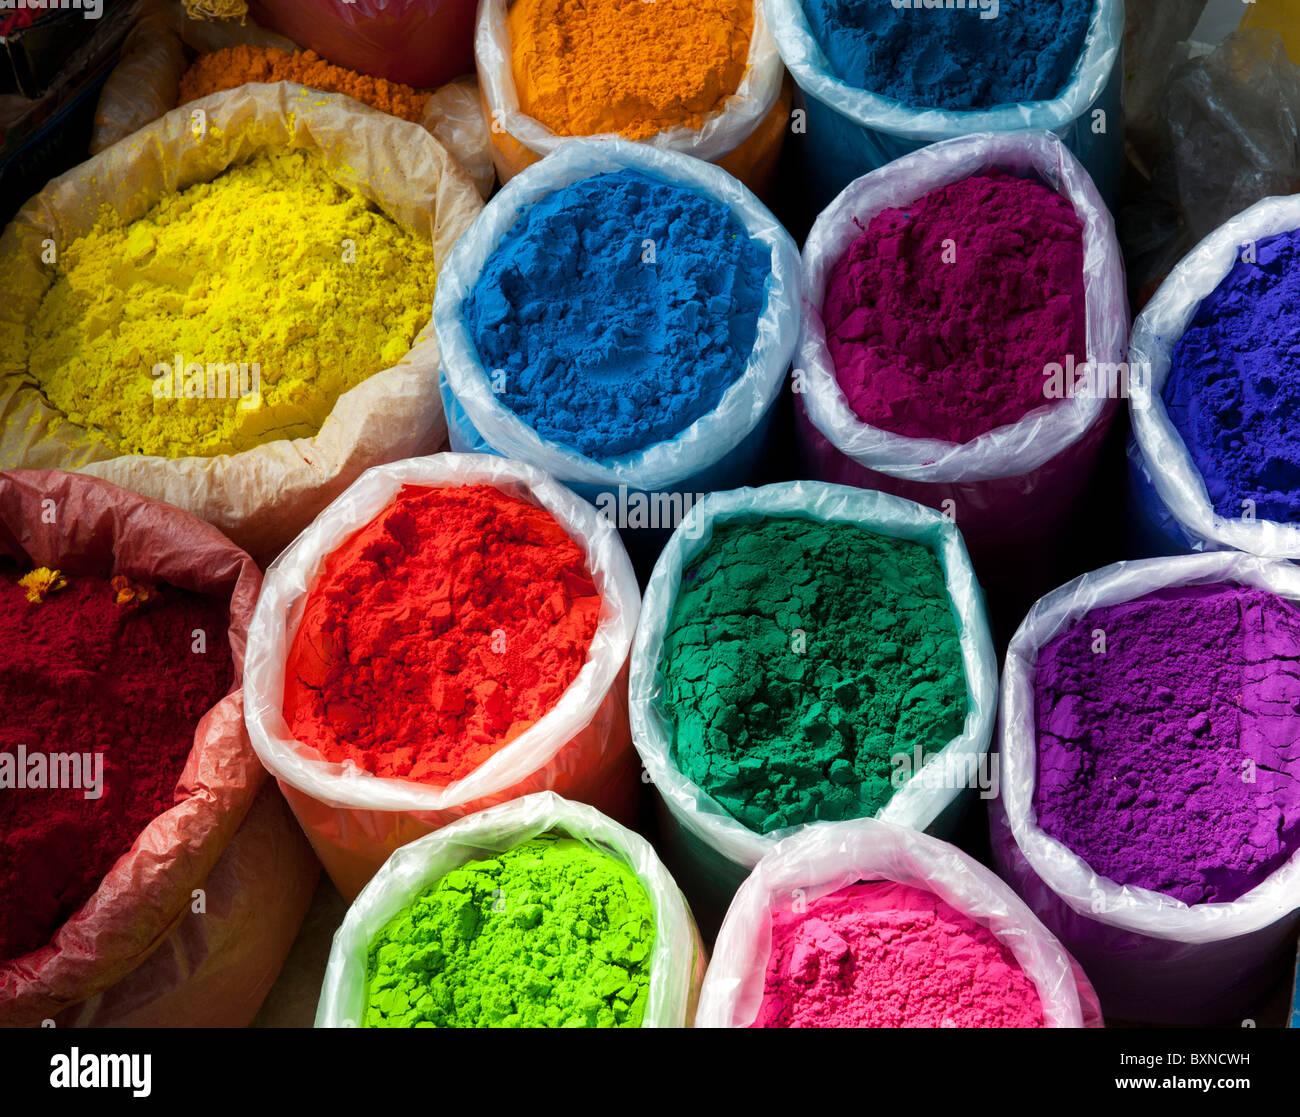 Taschen von Farbpulver auf einem indischen Straße Markt. Andhra Pradesh, Indien Stockbild